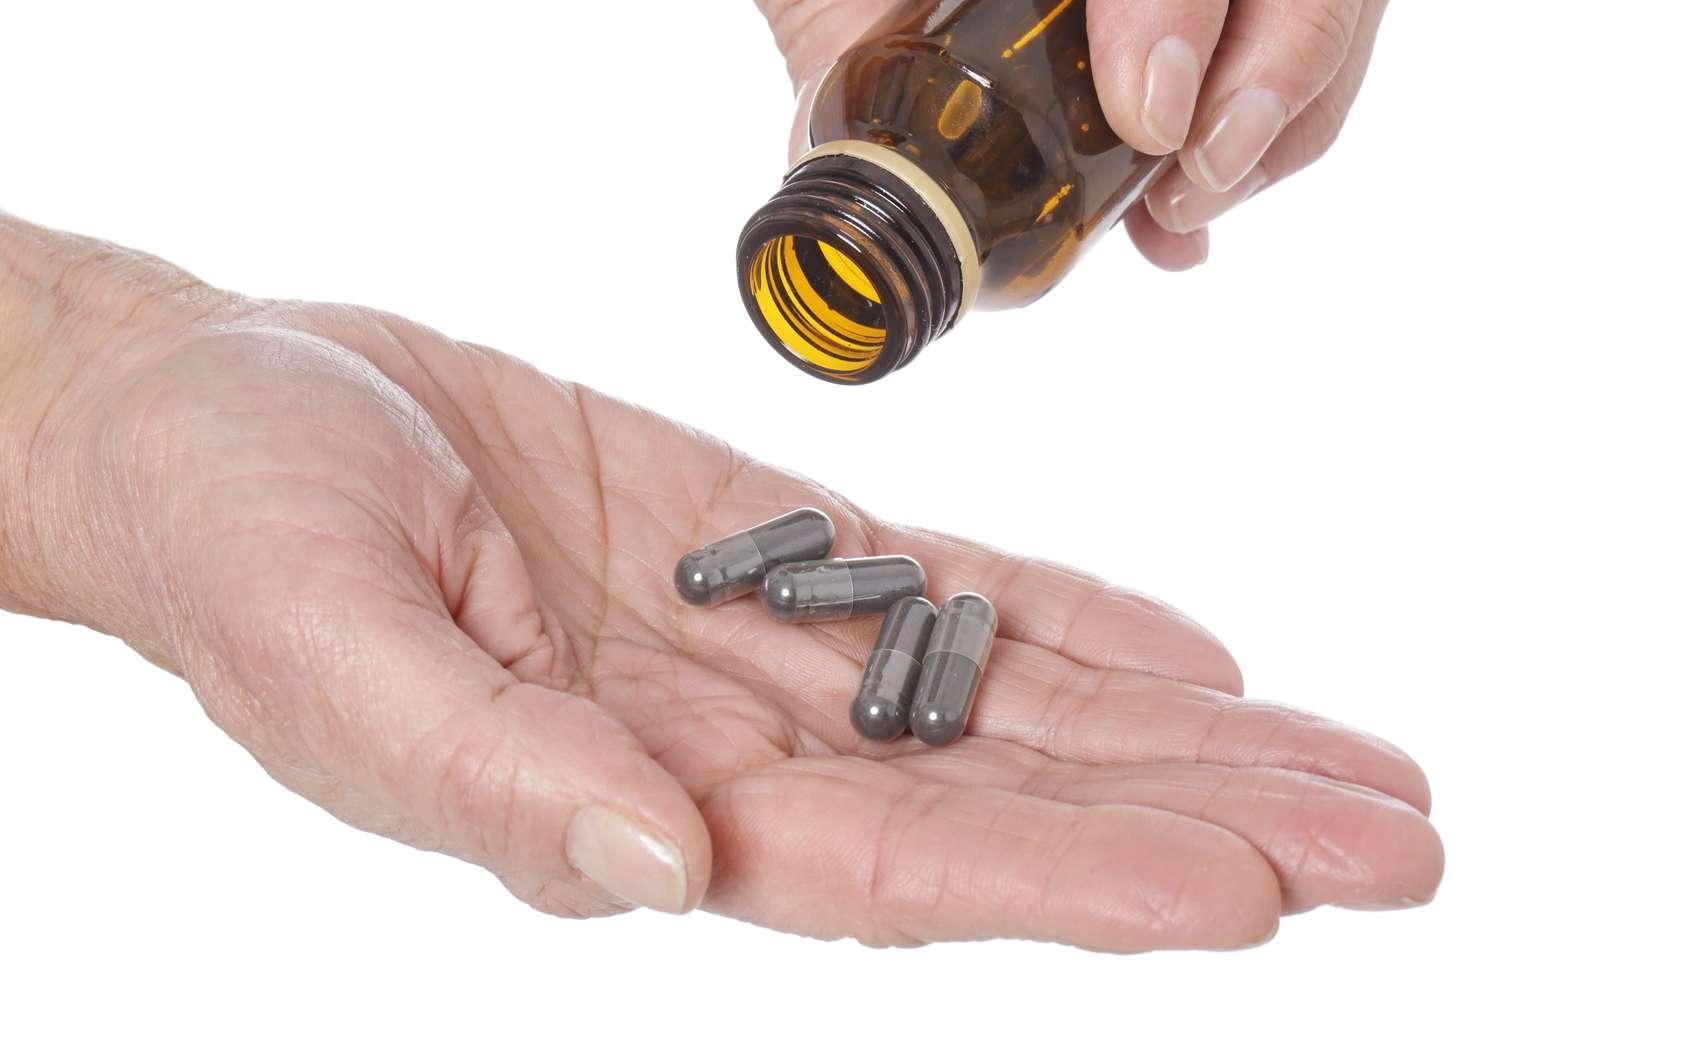 Une méta-analyse canadienne conclut que prendre des compléments alimentaires pour booster sa santé est aussi inoffensif qu'inutile. © mariesacha, Fotolia